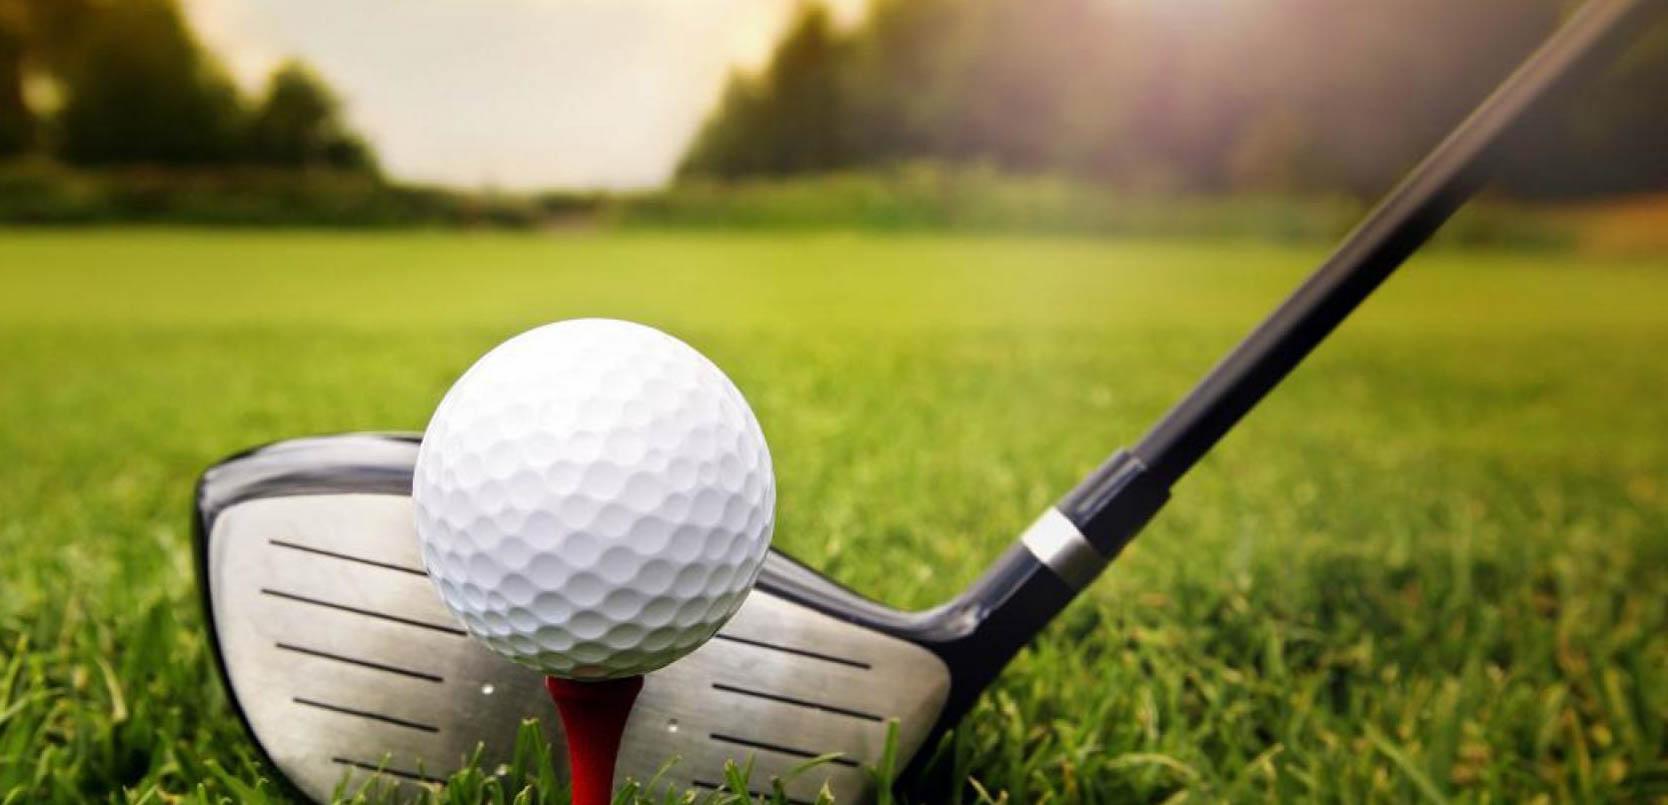 golf malzemeleri nasil temin edilir